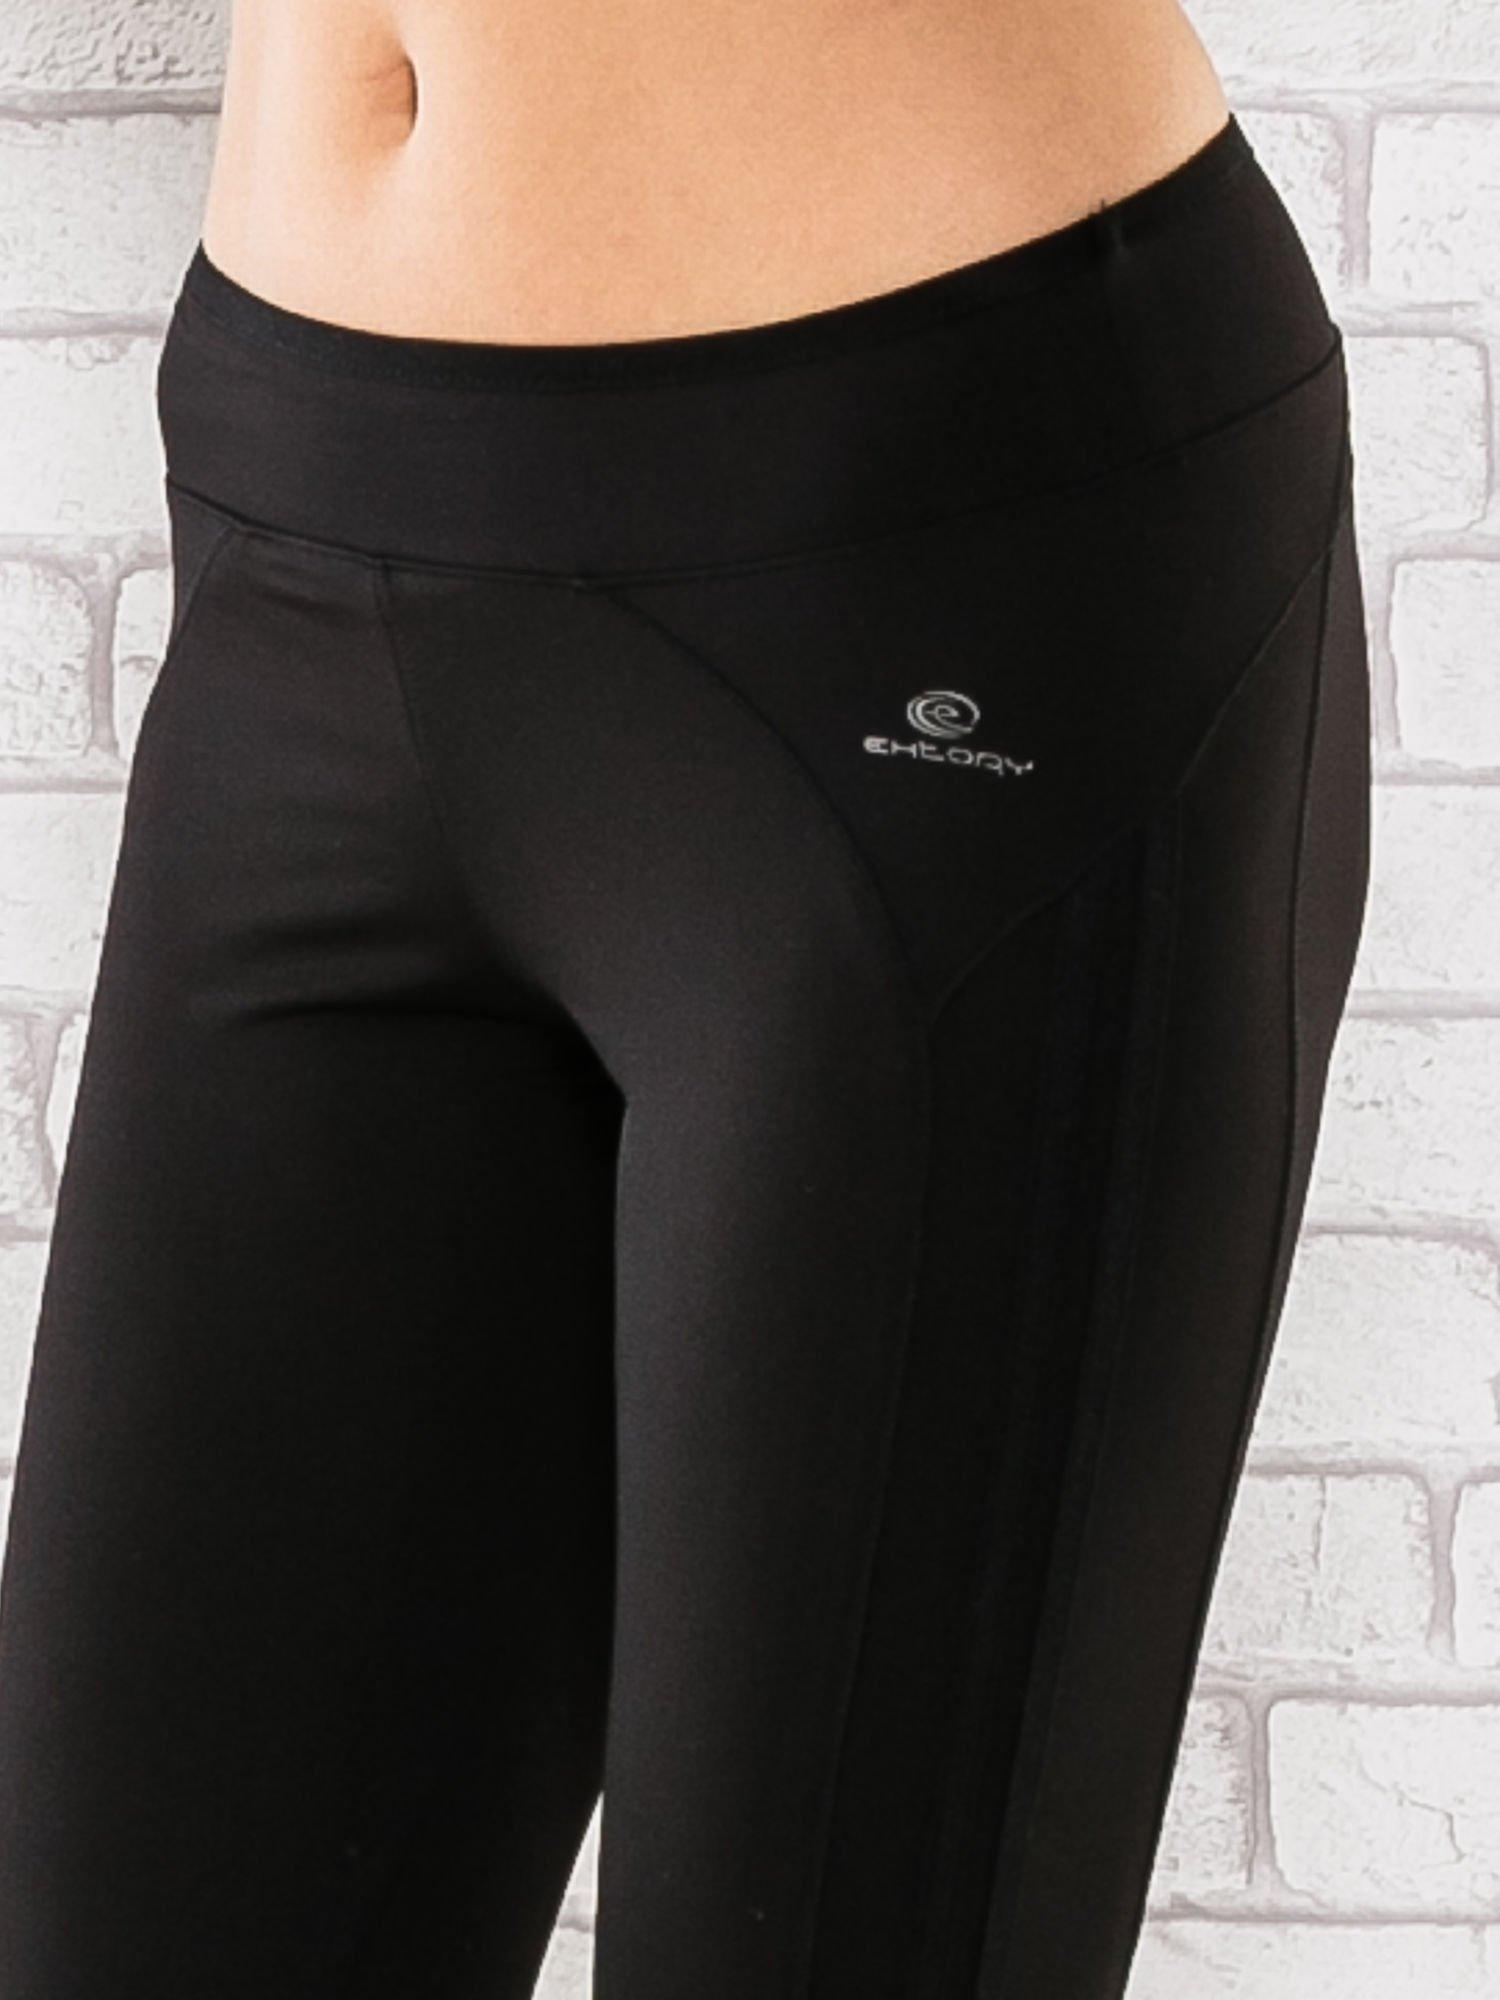 Czarne legginsy 3/4 sportowe termalne z lampasami                                  zdj.                                  4